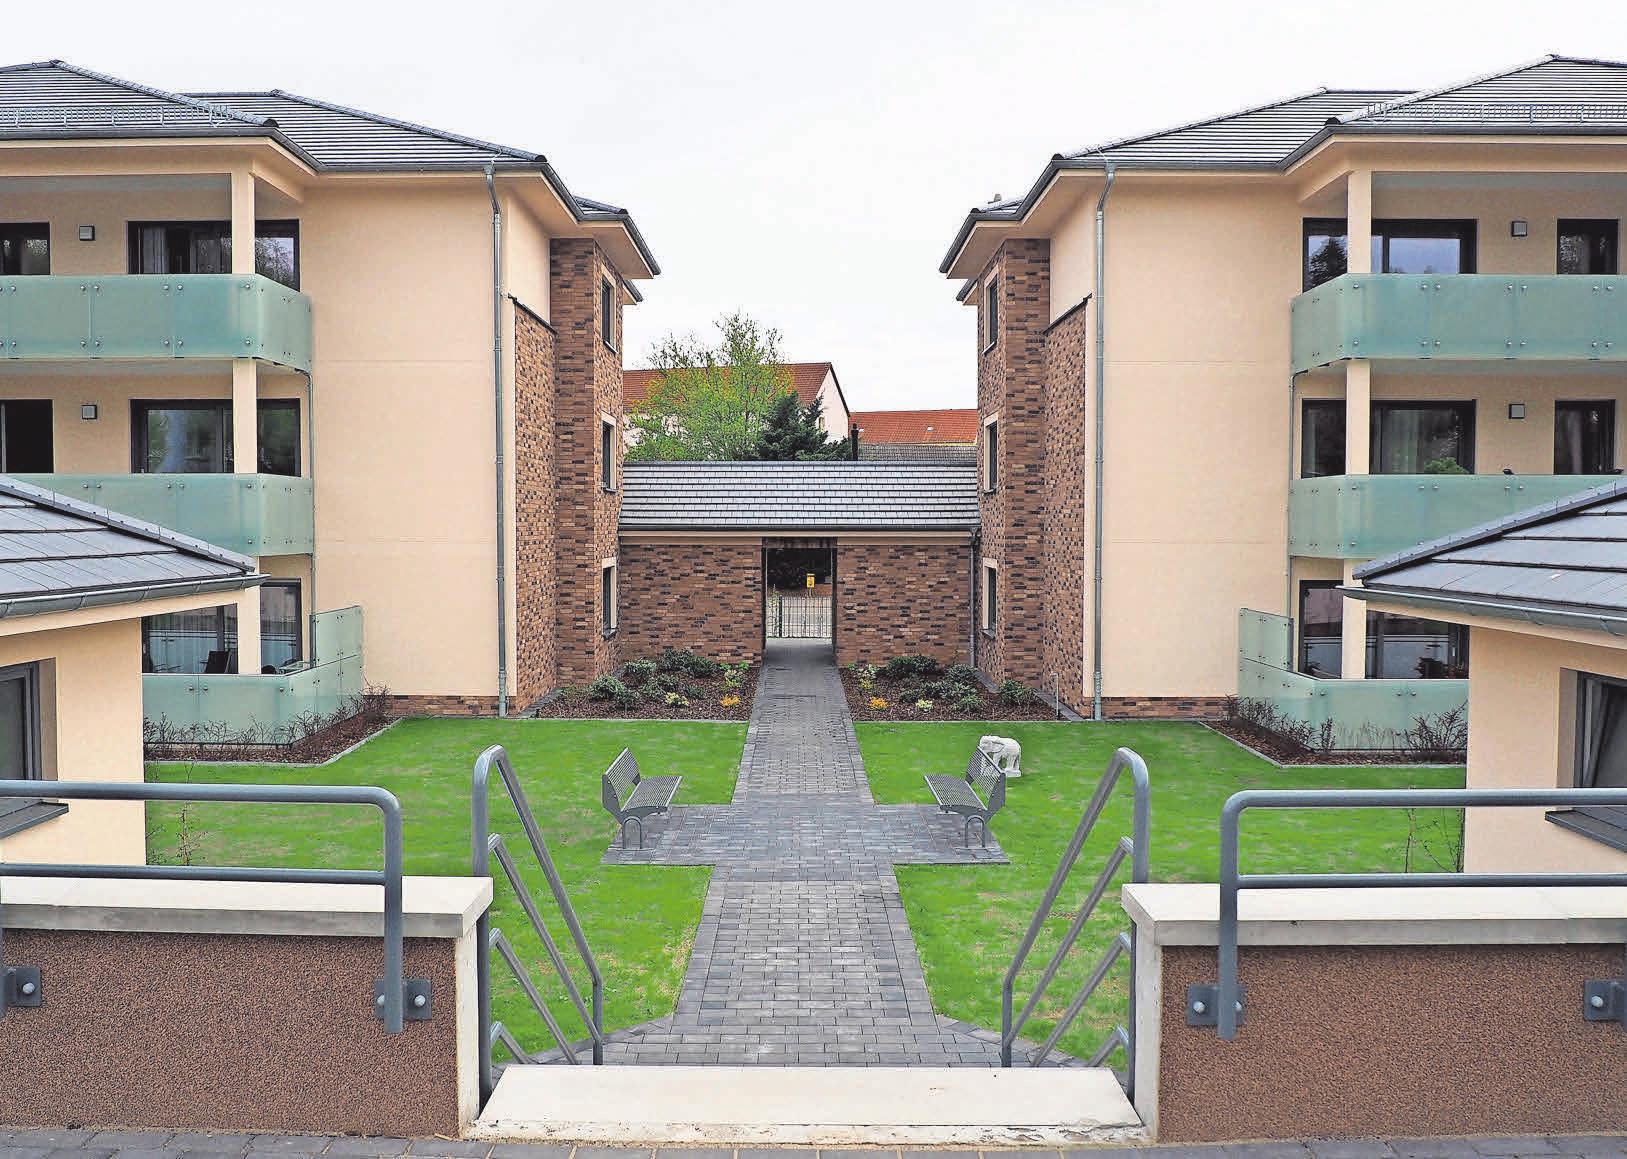 Besonders sticht die geometrische Anordnung des Neubauensembles mit Hanglage hervor.